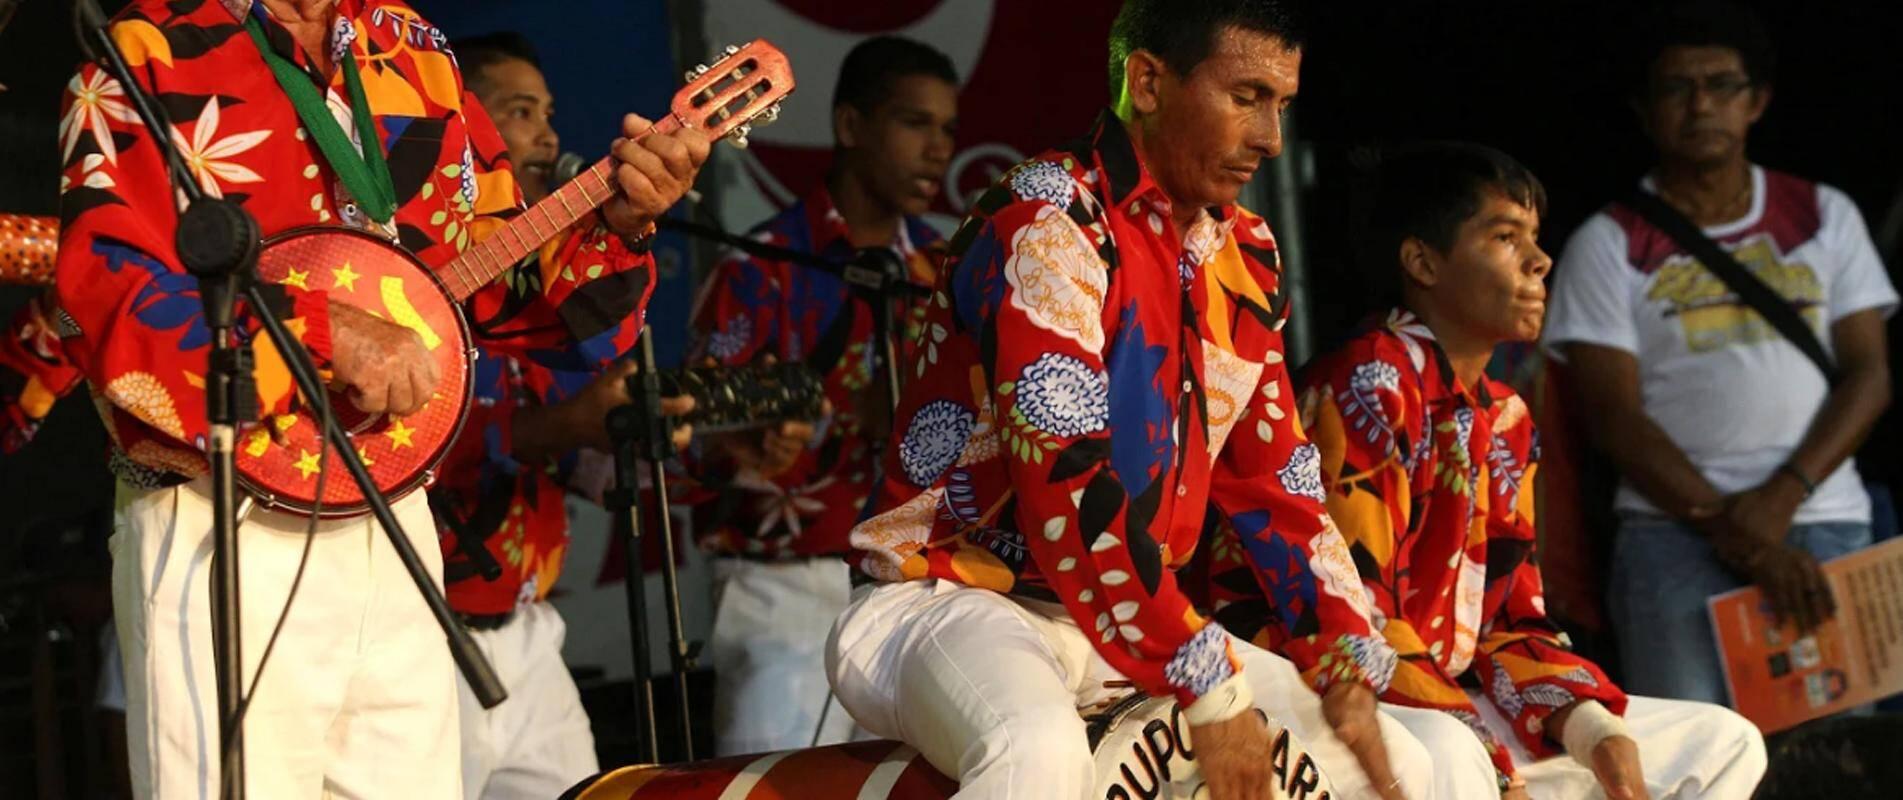 O Festival do Carimbó, que celebra as tradições Marapanim, é outra atração para quem estiver de passagem pelo Pará. Foto: Divulgação